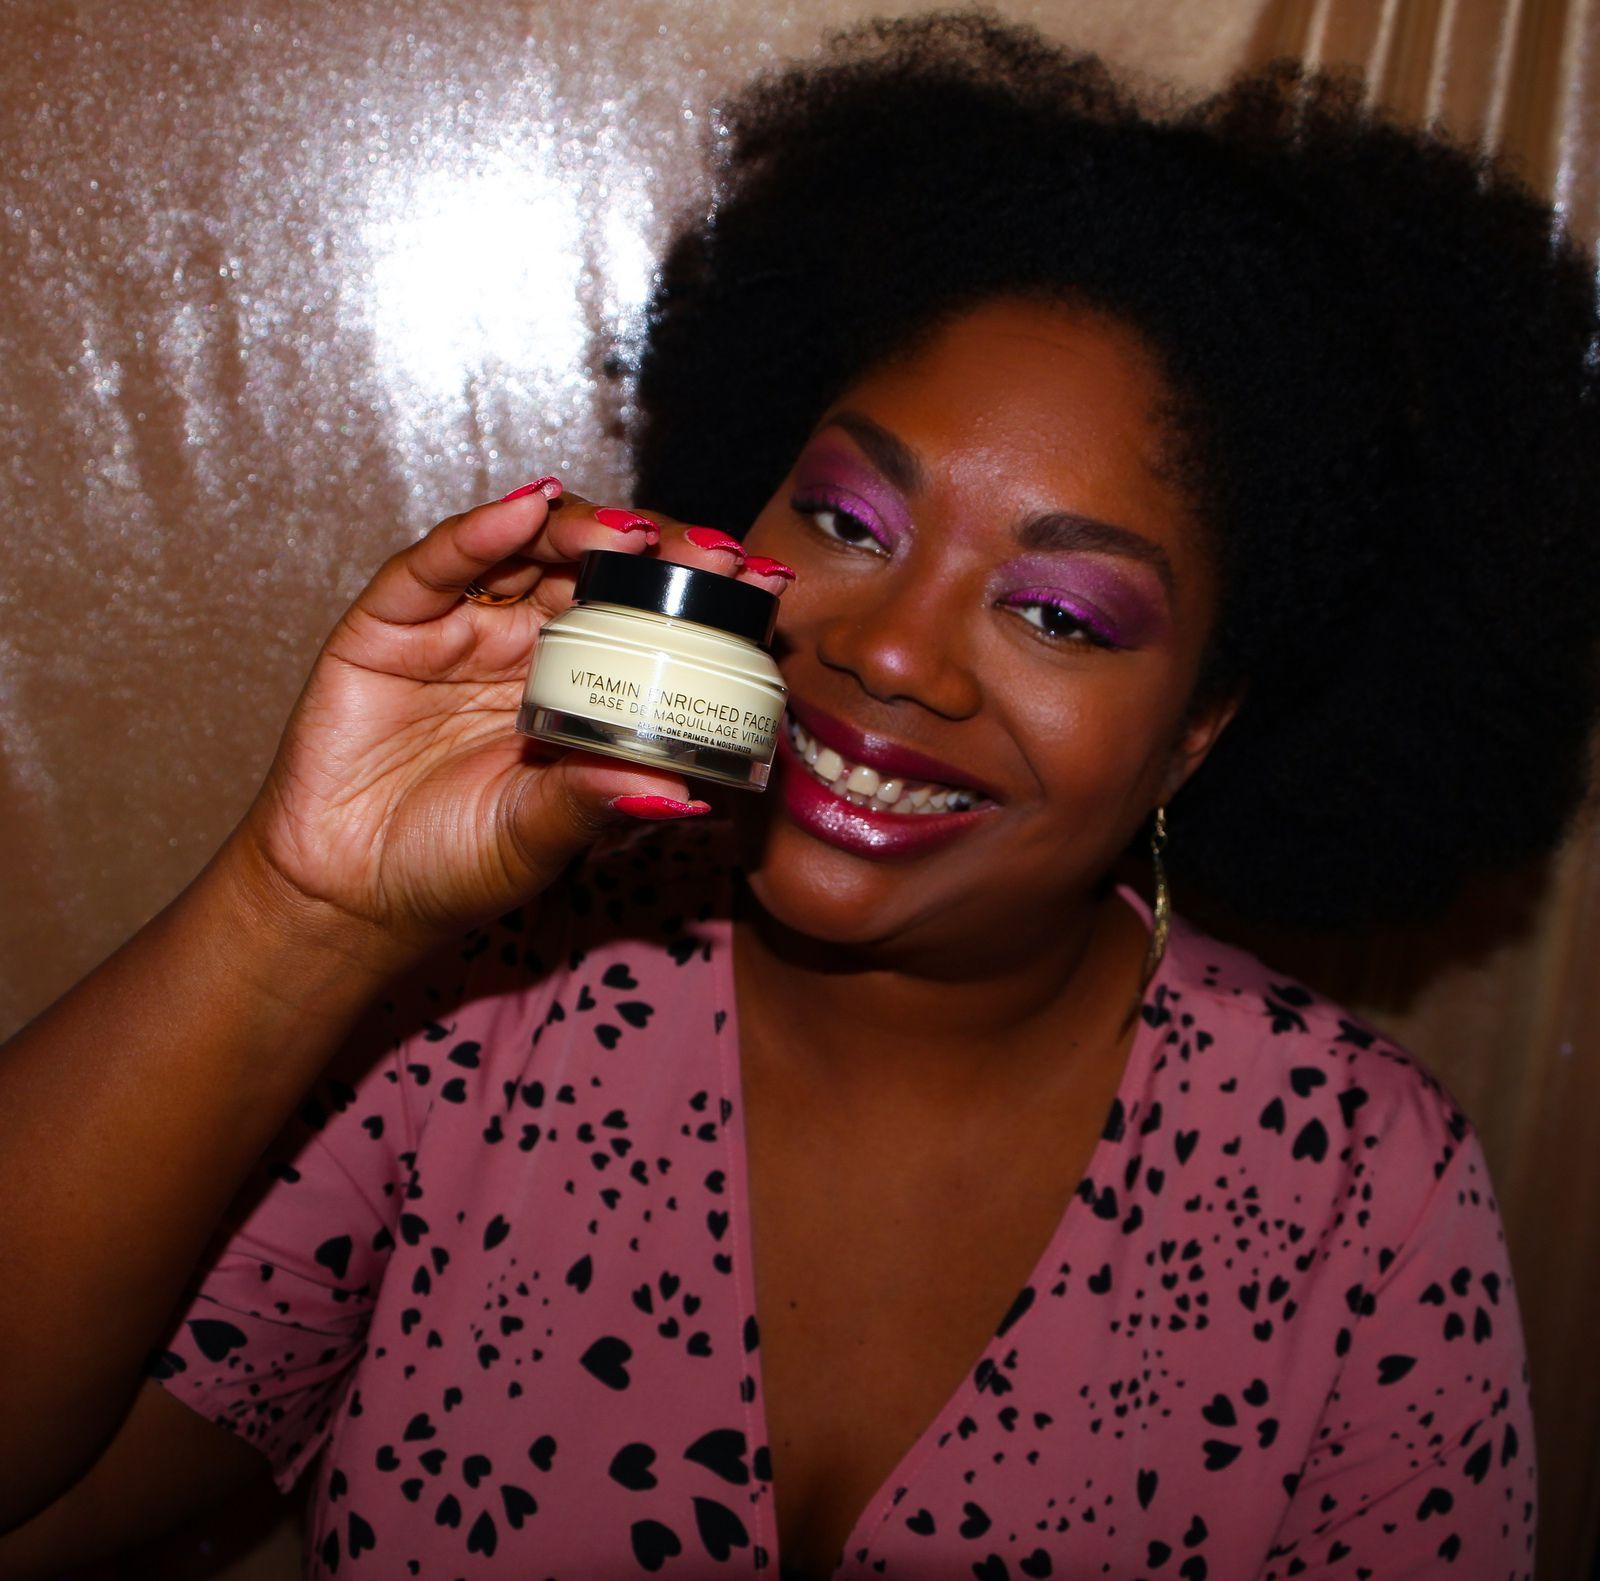 Base Maquillage Vitaminée BOBBI BROWN